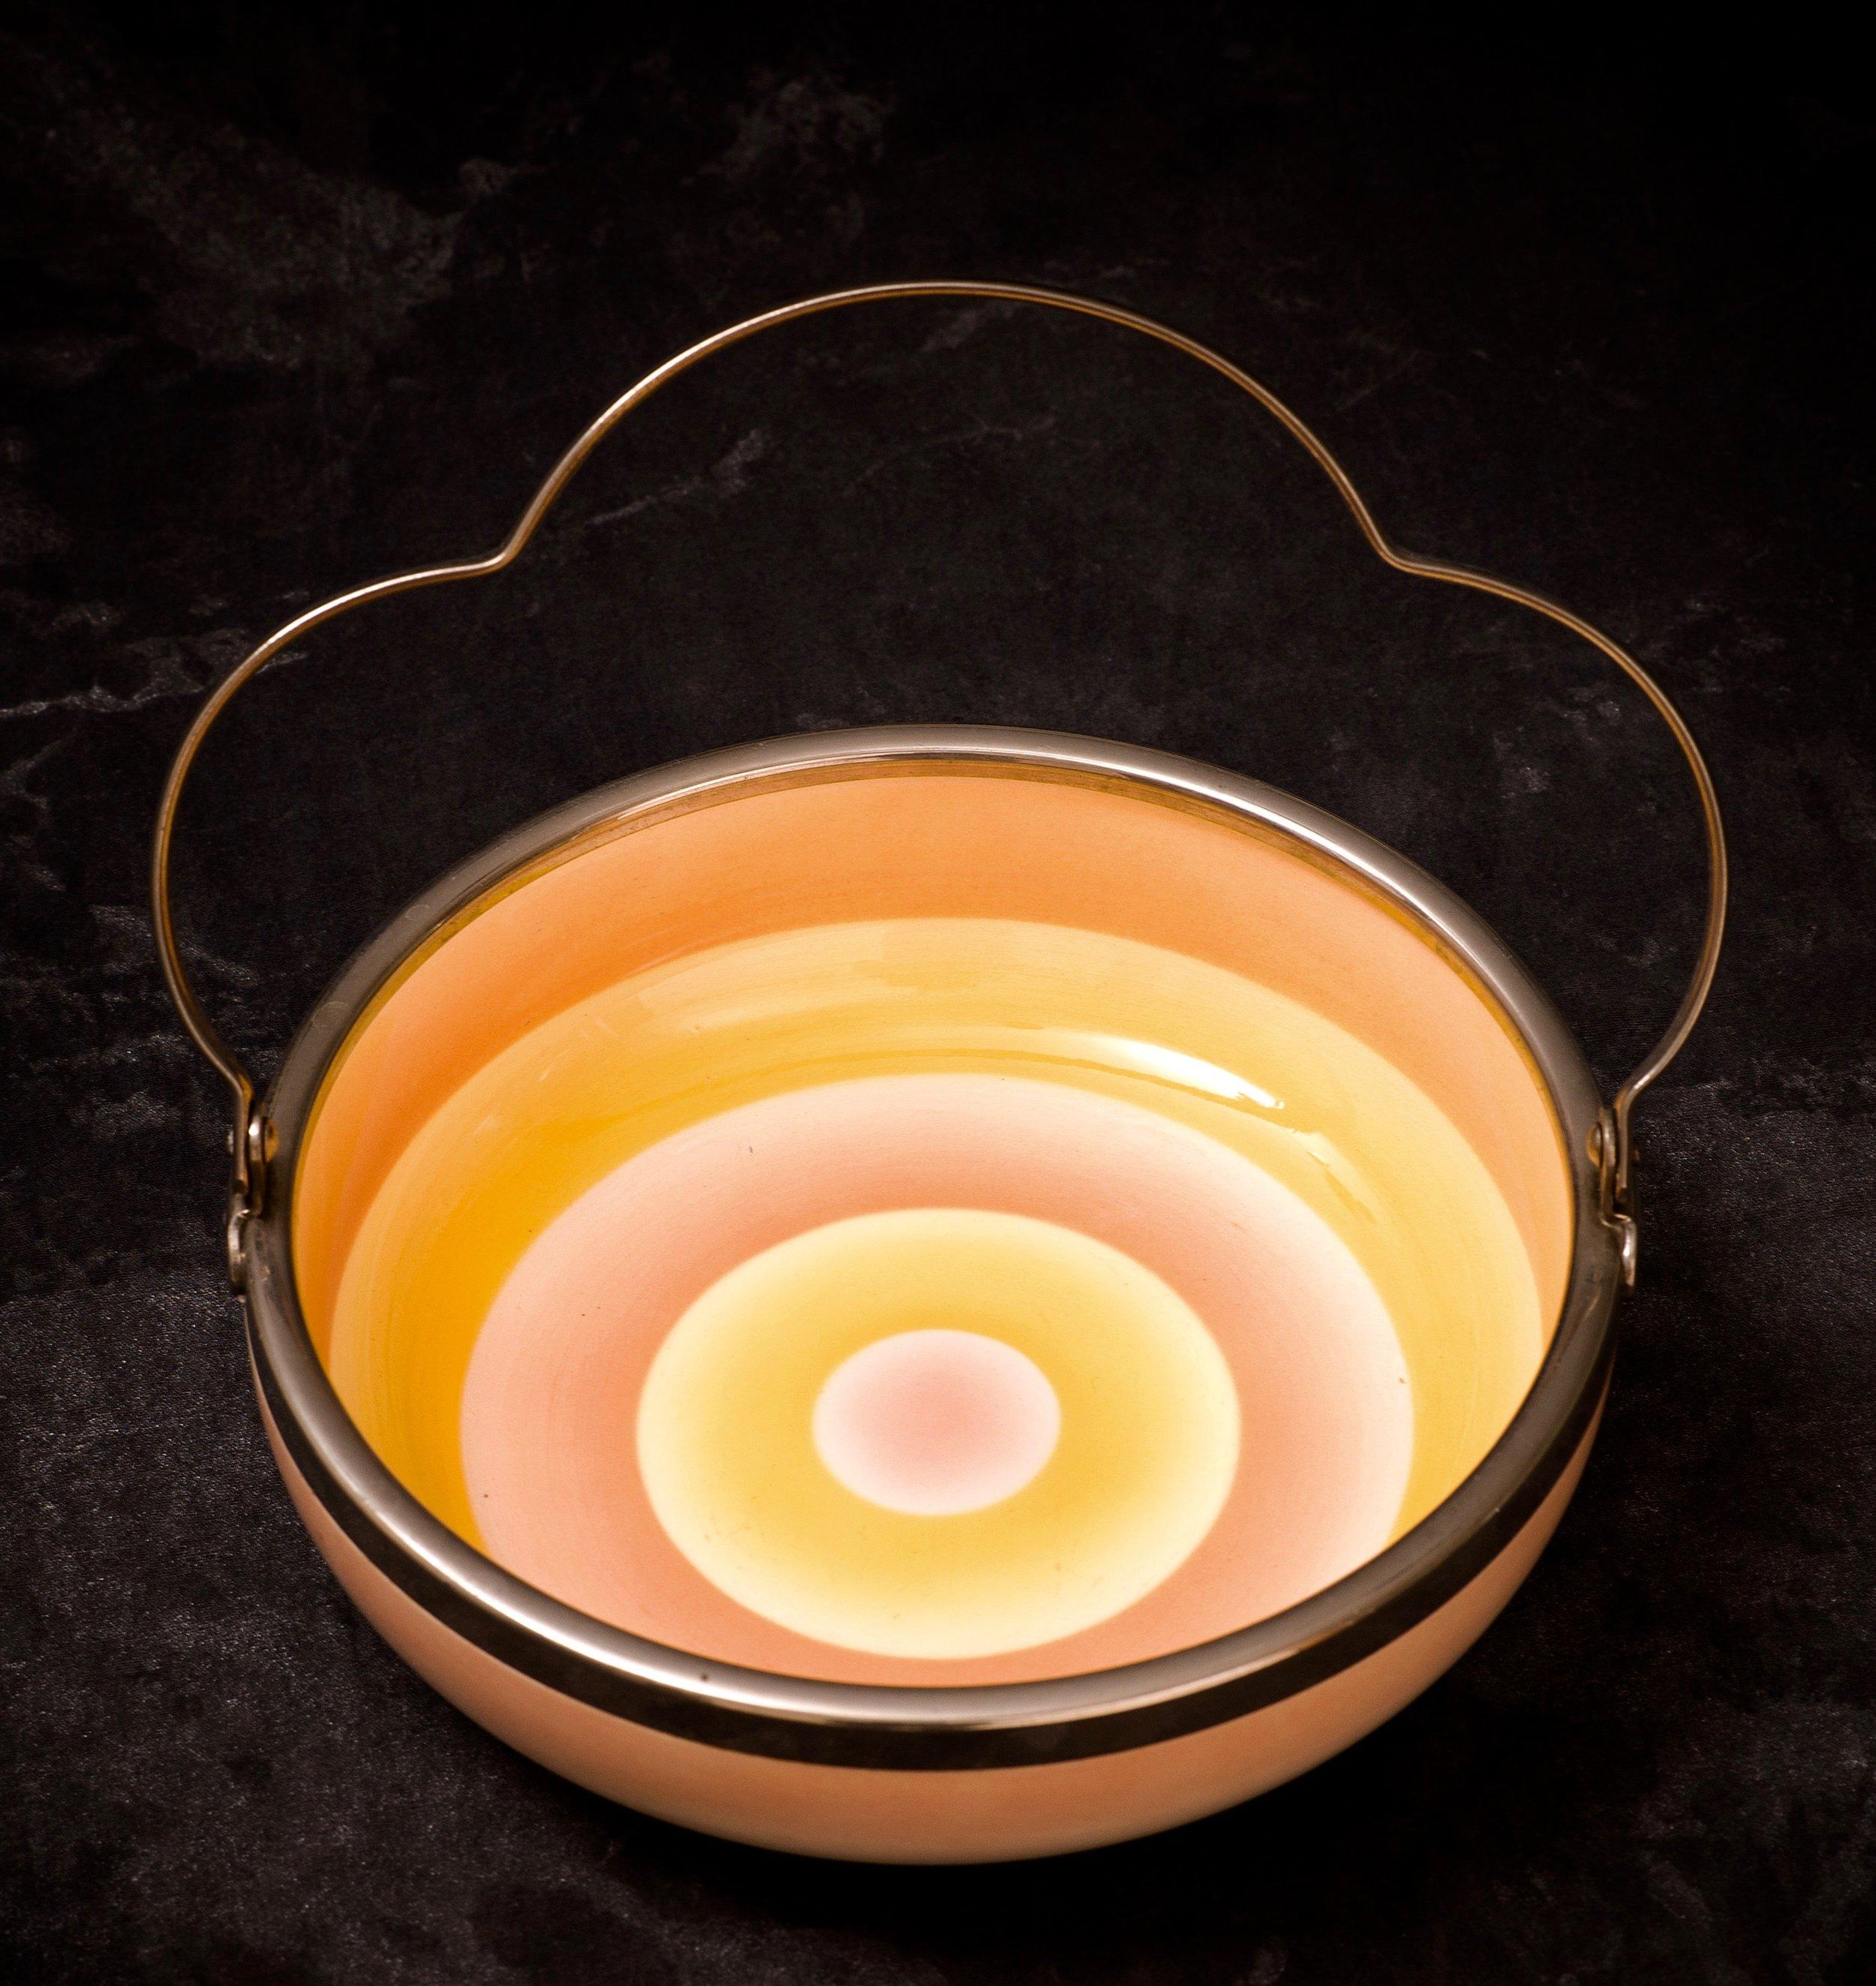 #71 Bowl, form 4232, dec.3096, Wächtersbach, ca.1930. Blue Dec.3096 / 36; Blind mfr. beehive 4232/3; 5.3 cm H, 17.5 cm opening, 11 cm base Ø. RM606